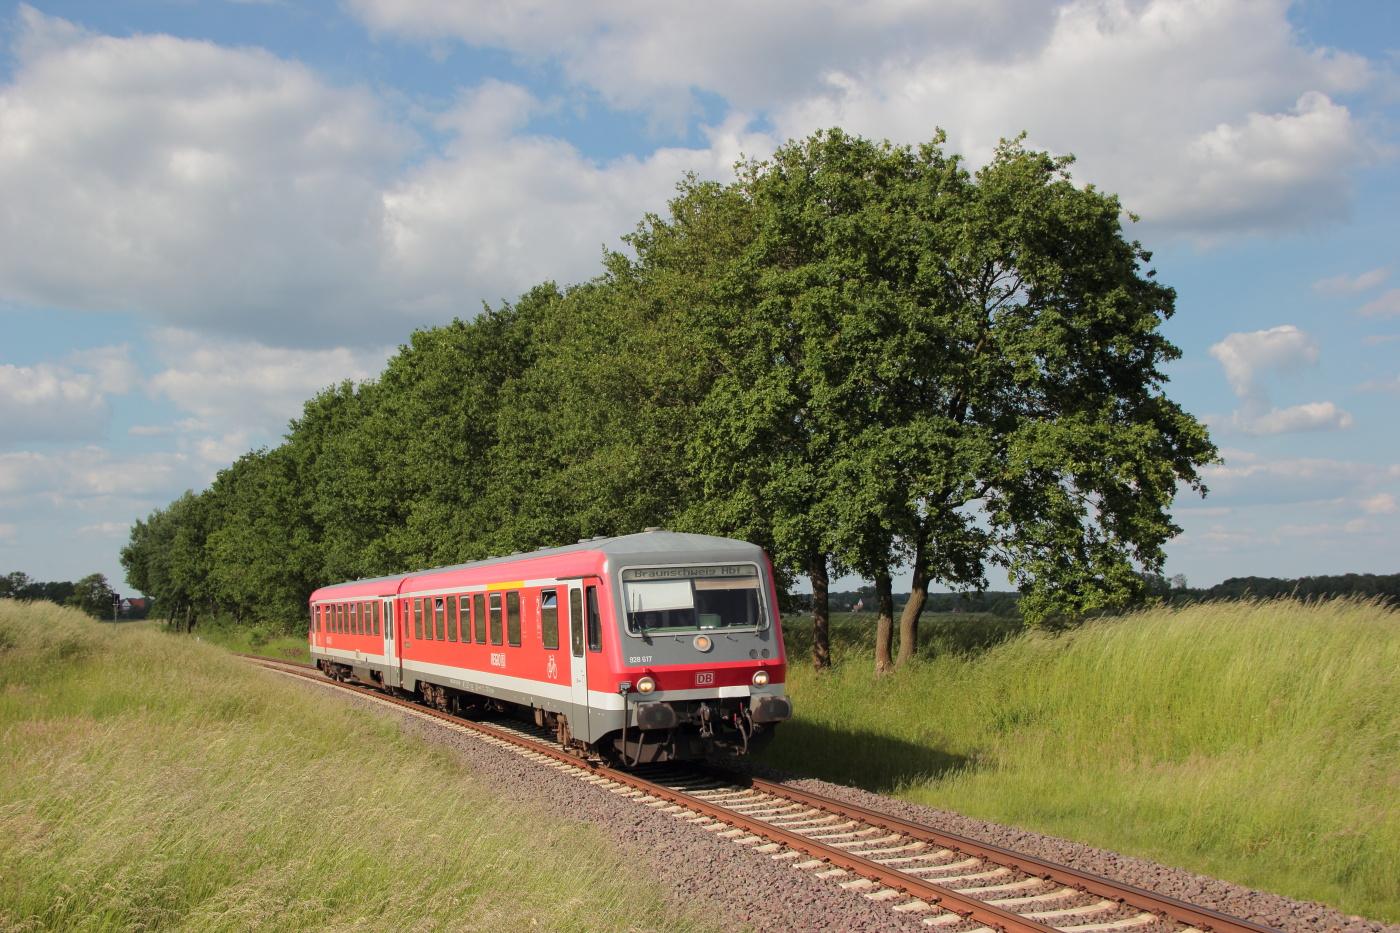 http://www.nachtbahner.de/Fotos/2014-05-30%20KBS%20115%20M%c3%bchlenbahn%20Uelzen%20-%20Braunschweig%20/k-IMG_6463%20KBS%20115%20M%c3%bchlenbahn%2030.05.14%20(8).JPG